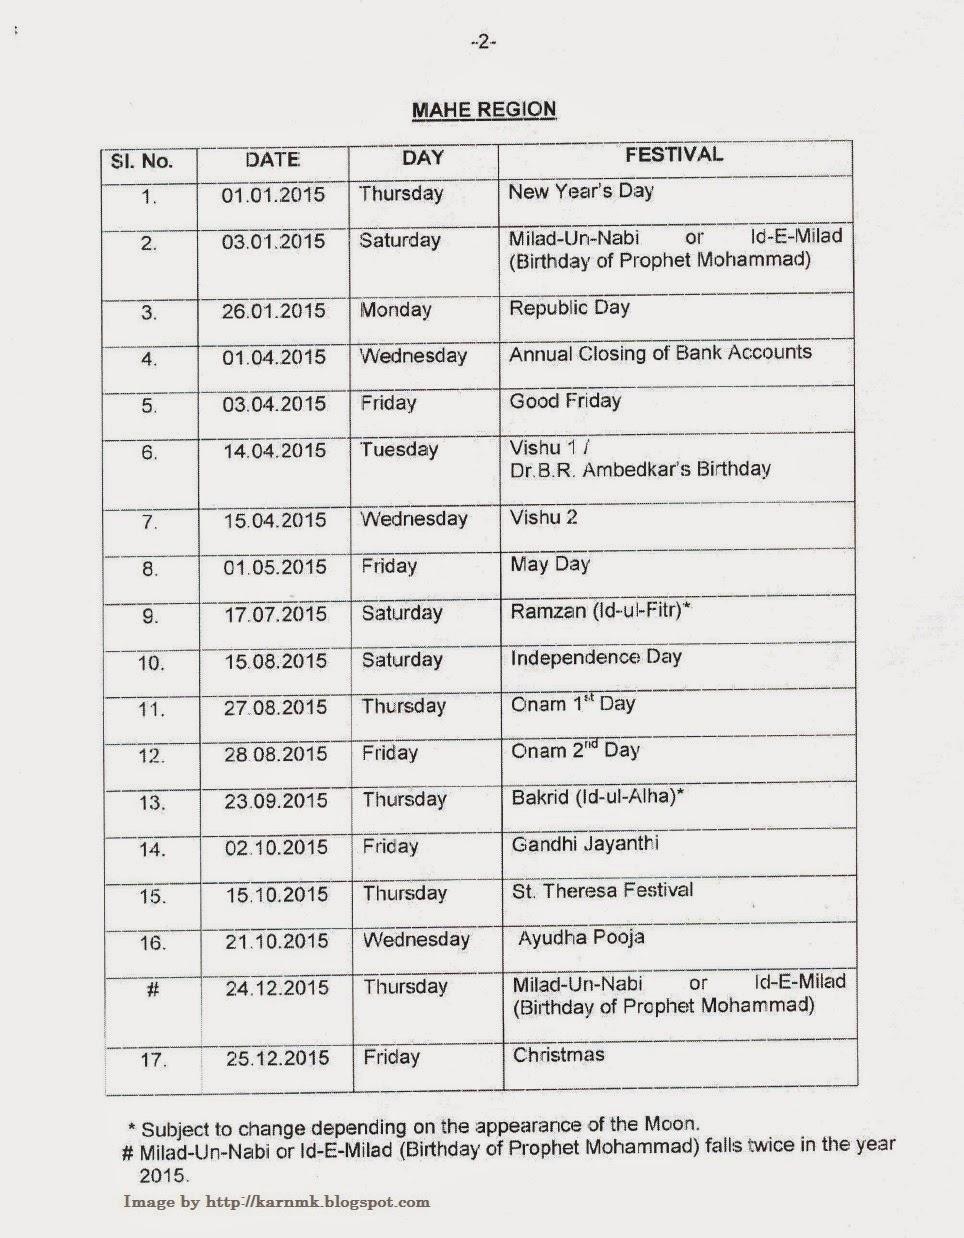 2014 u.s. holidays list